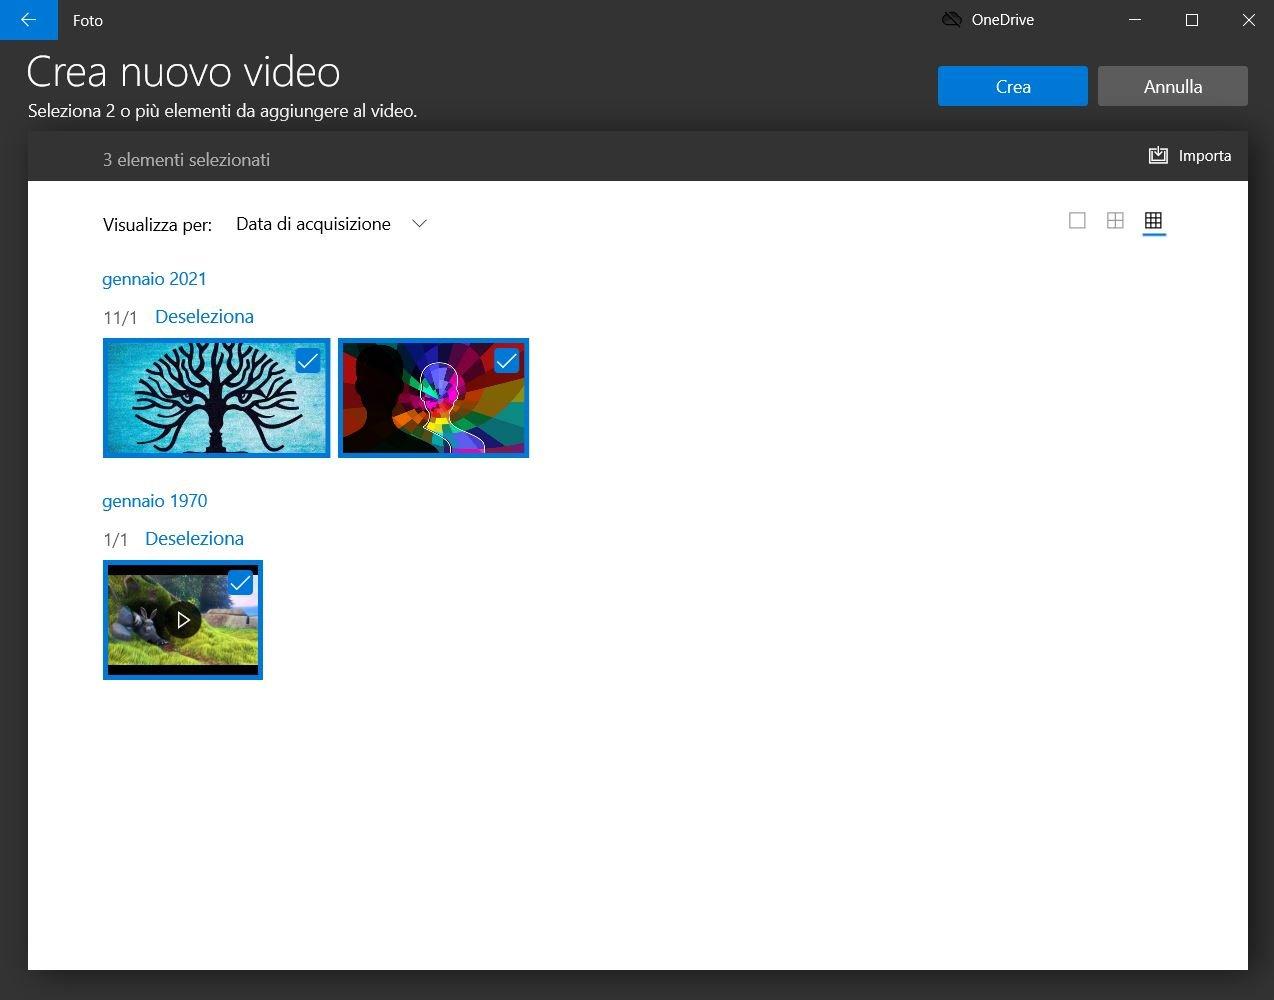 crea-video-app